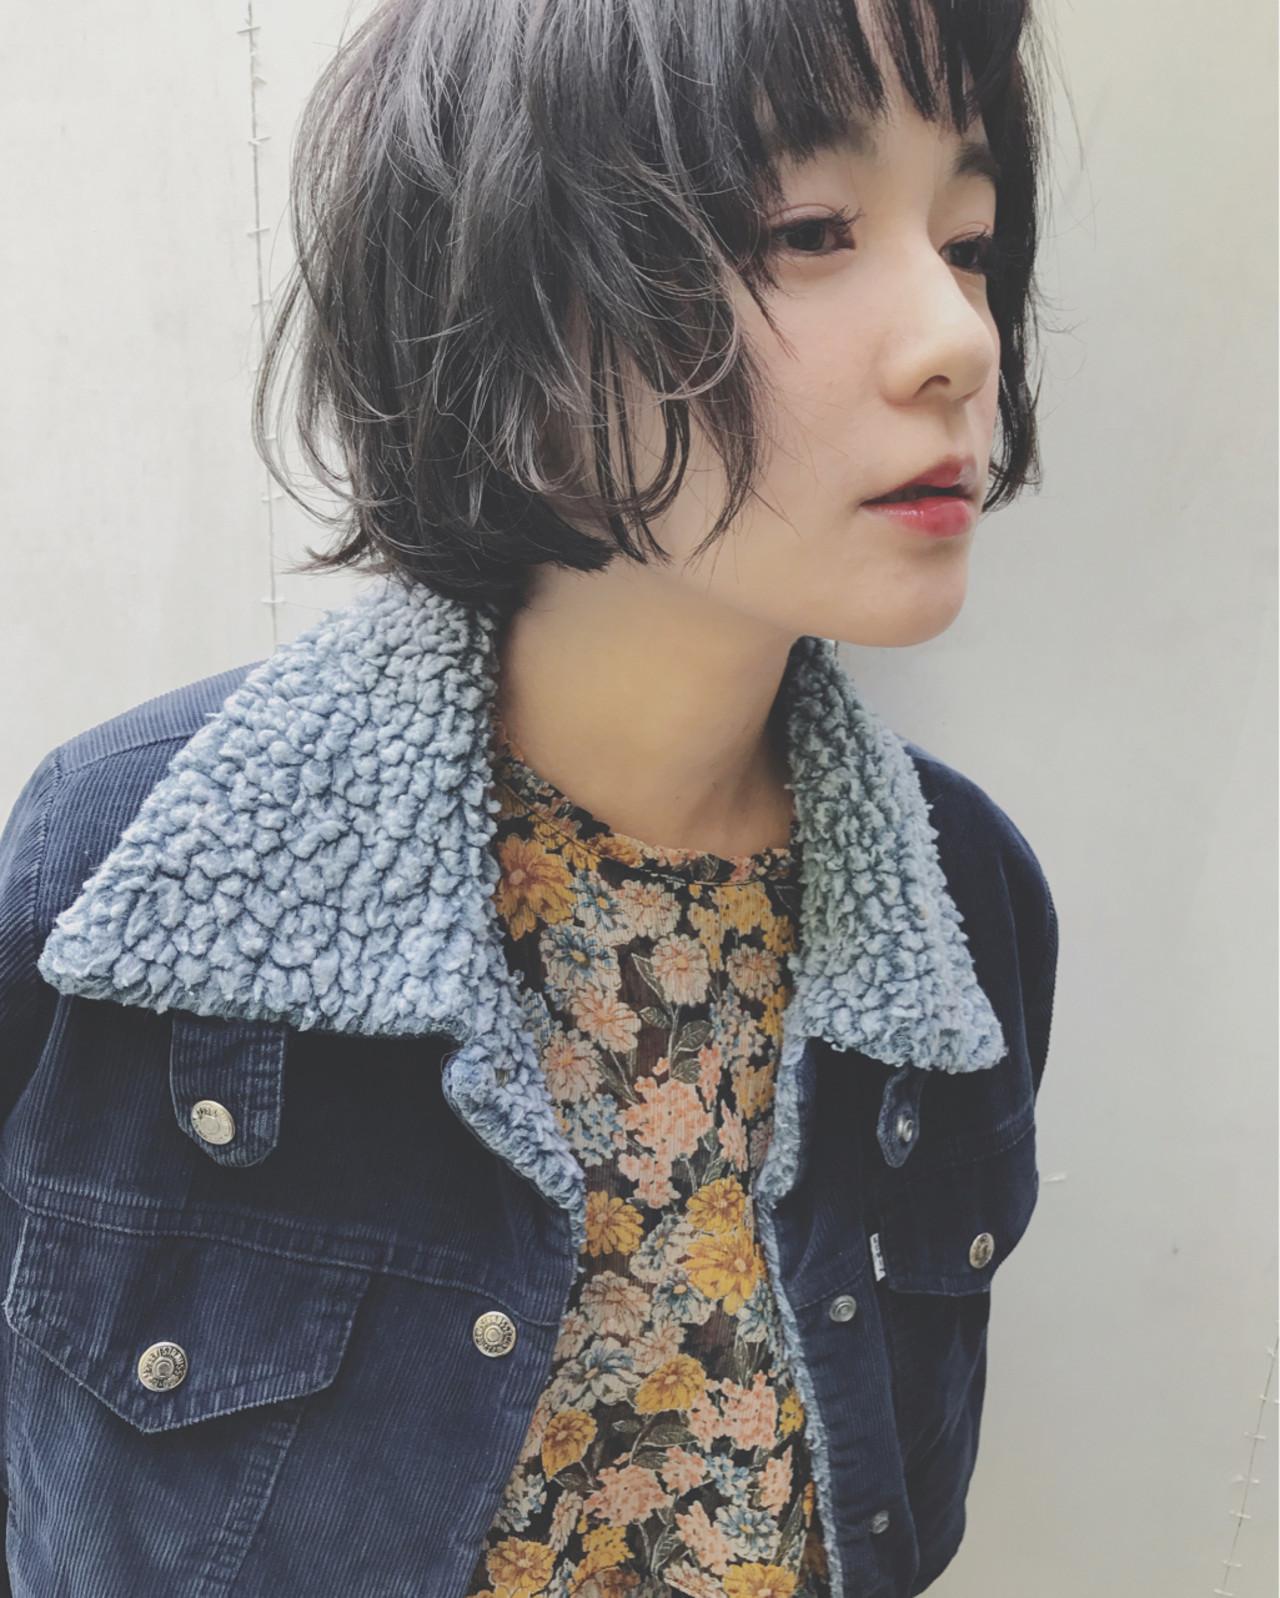 【2021年おすすめ髪色】春夏×最新おしゃれ女子のヘアカラー特集の18枚目の画像